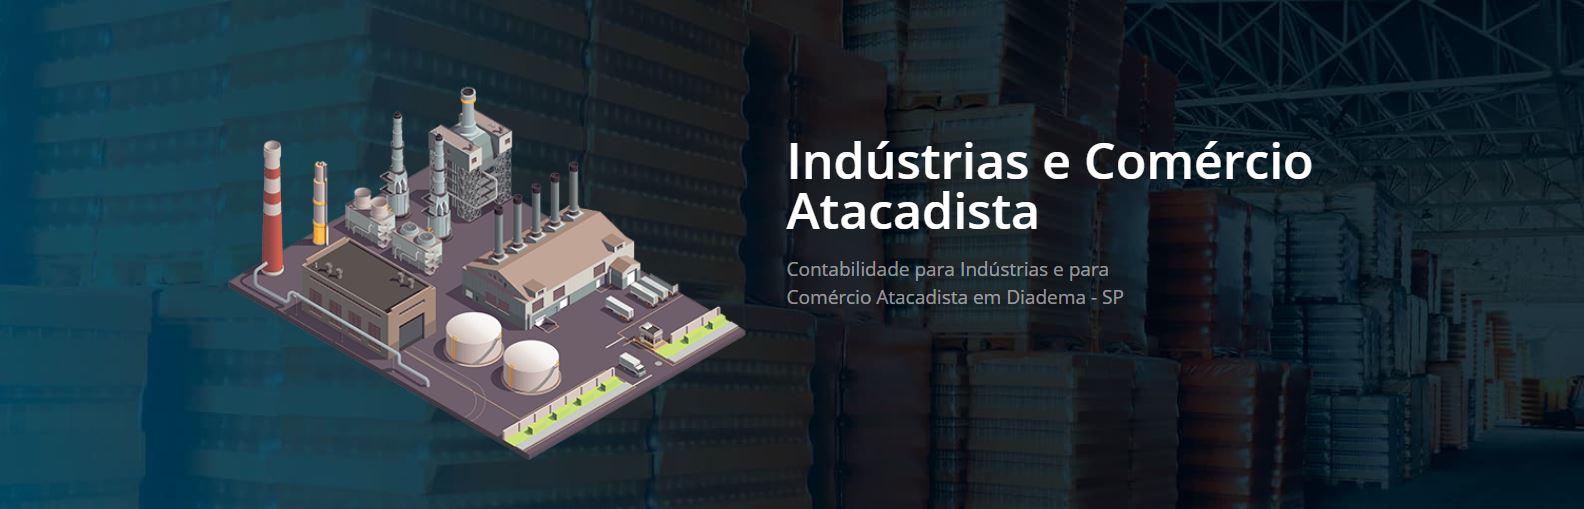 Contabilidade Industria - Escritório de Contabilidade em Diadema - SP